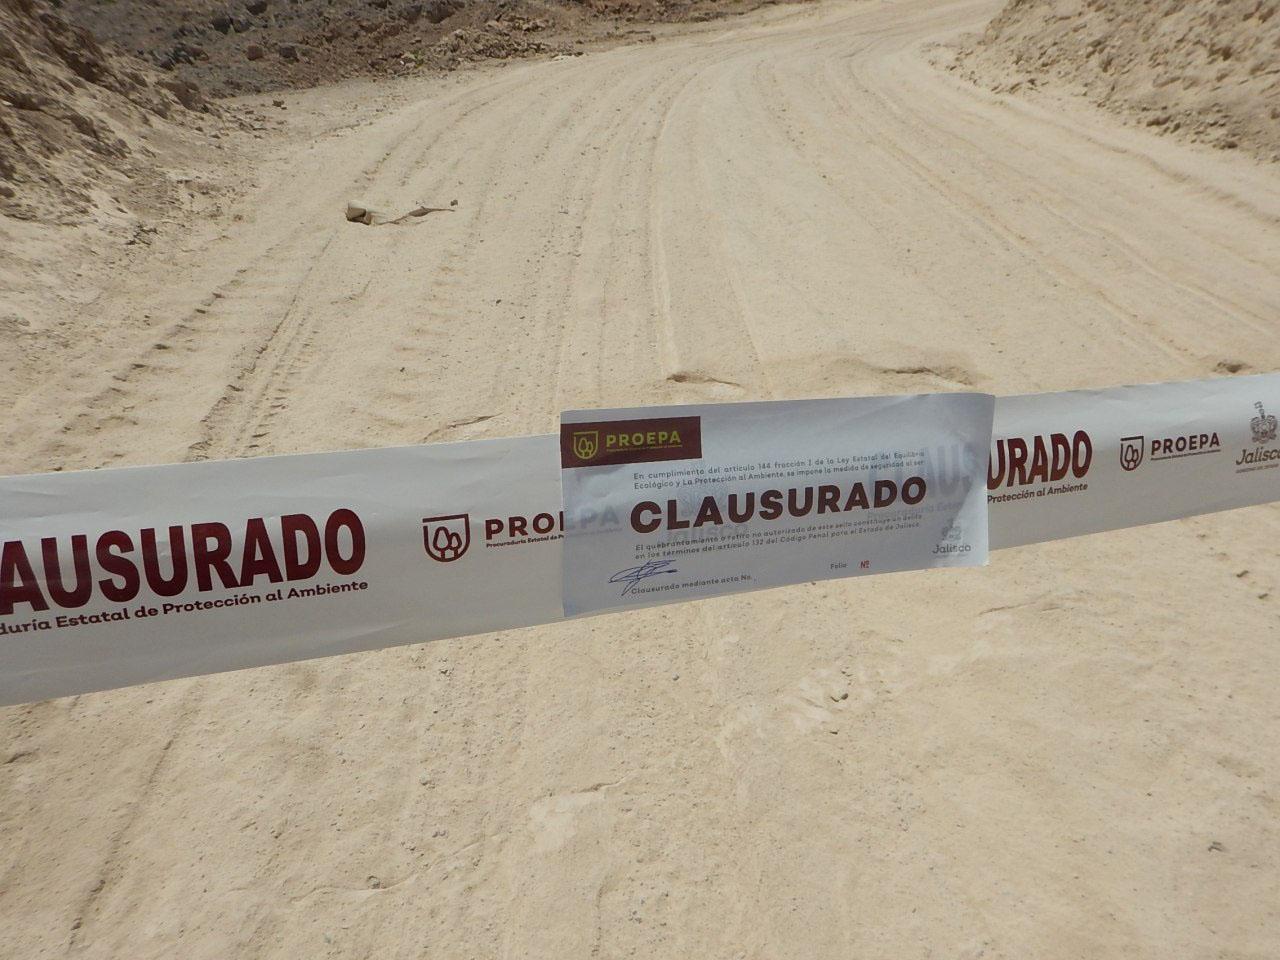 Proepa realiza clausura total temporal de banco de material geológico en Unión de San Antonio